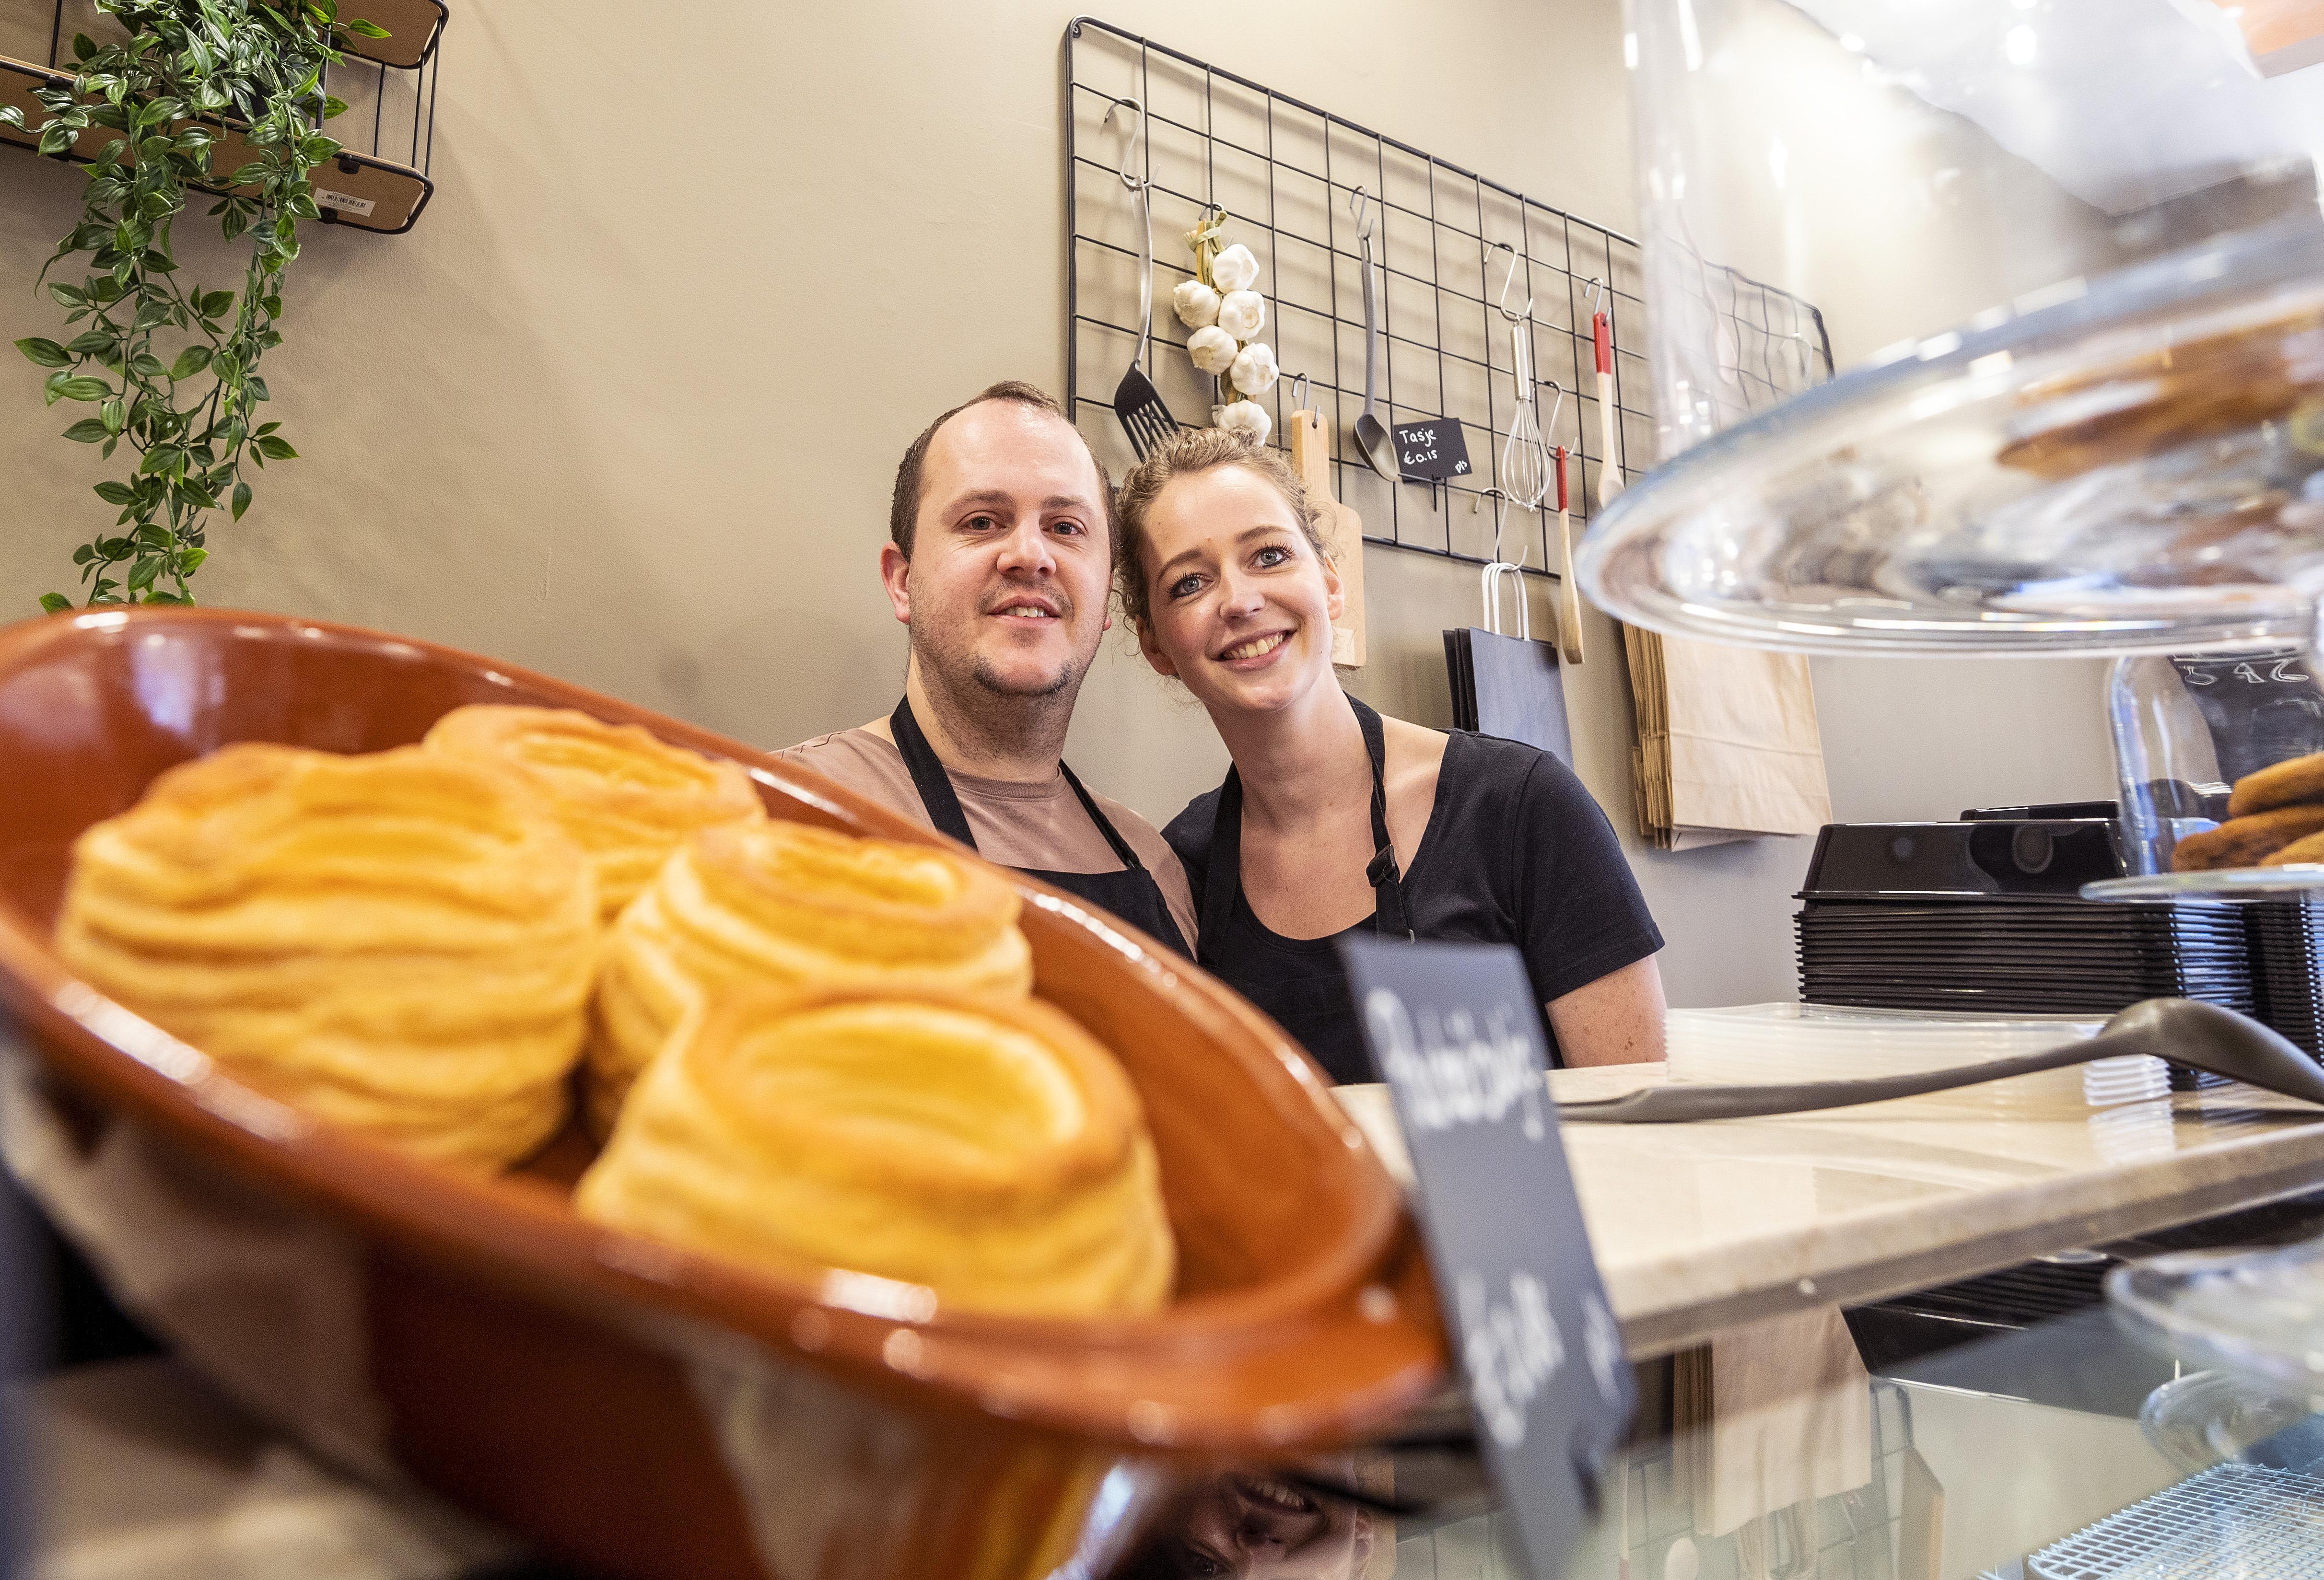 Van truffel risotto tot pastel de nata: nieuwe traiteur in Grote Houtstraat verkoopt mediterrane gerechten bereid door chef-koks